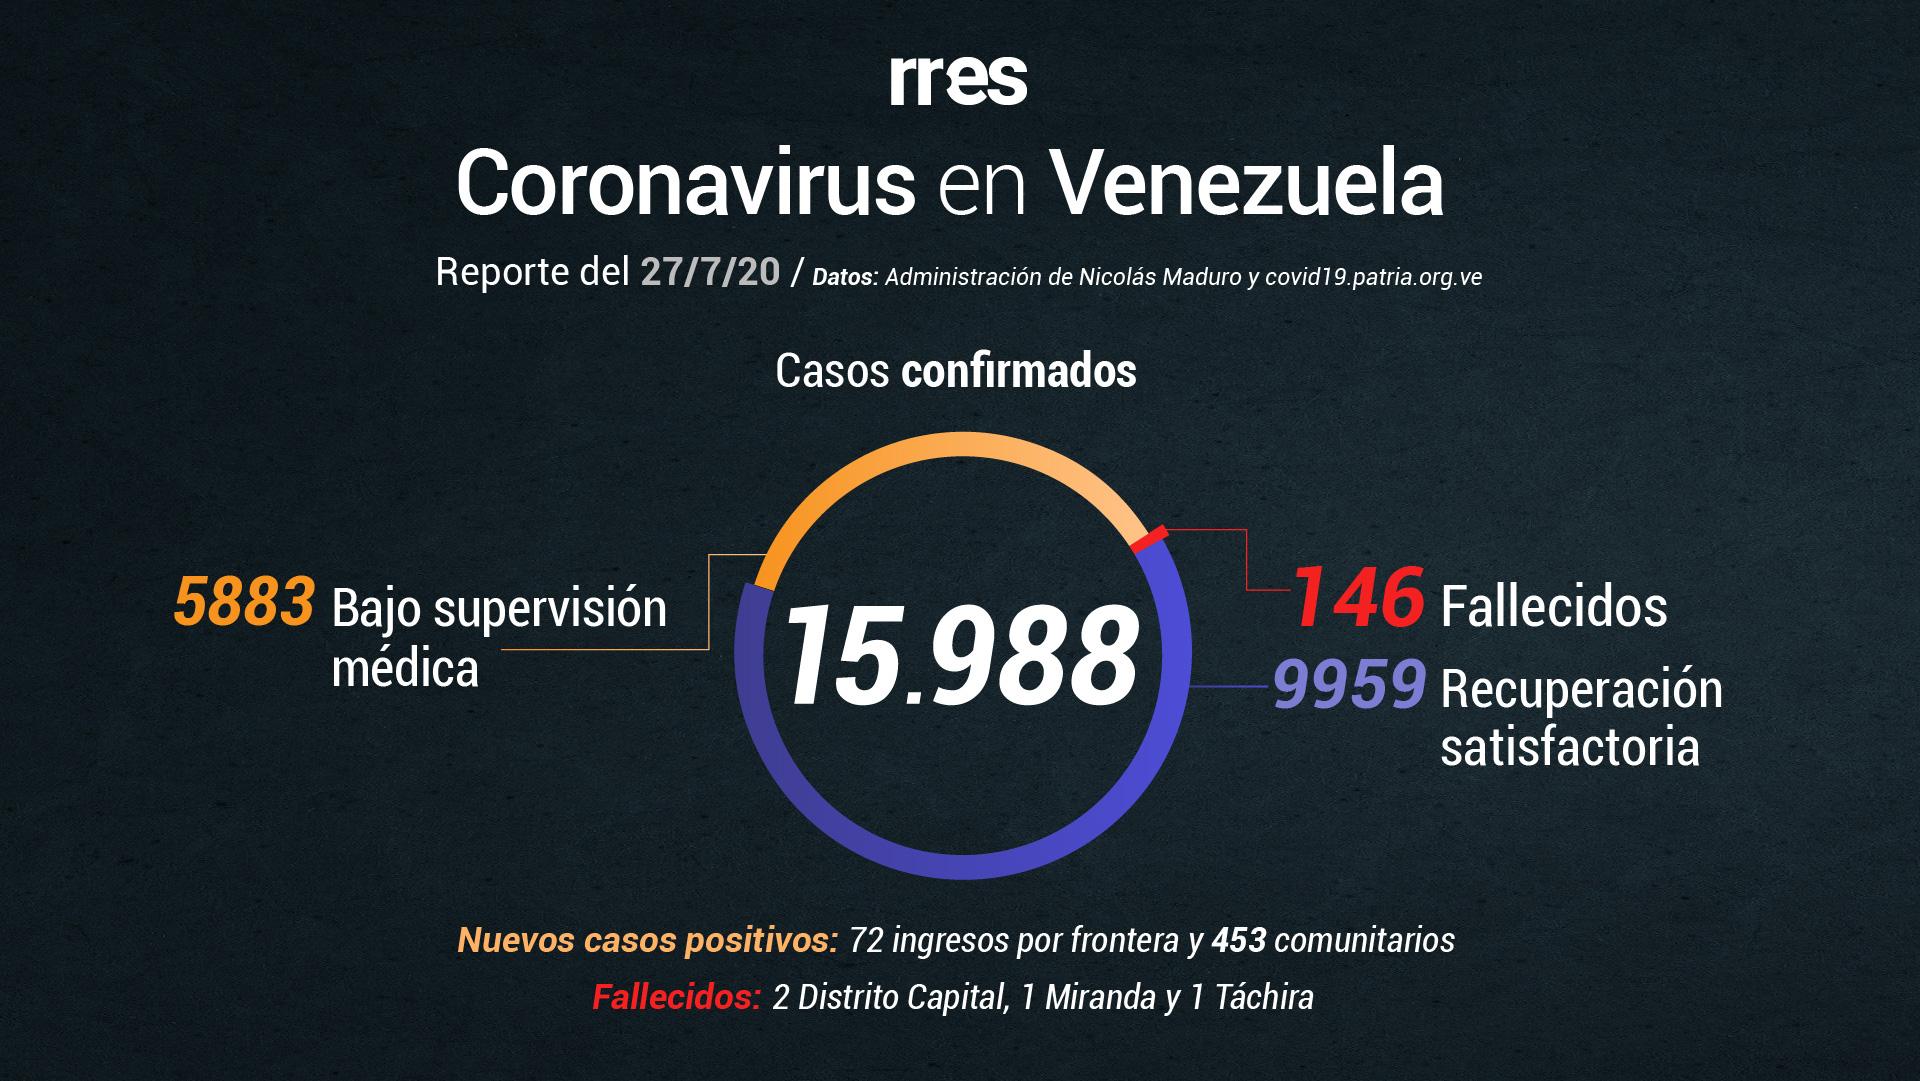 Gobierno reporta 4 fallecidos por COVID-19 y 525 nuevos casos este #27Jul